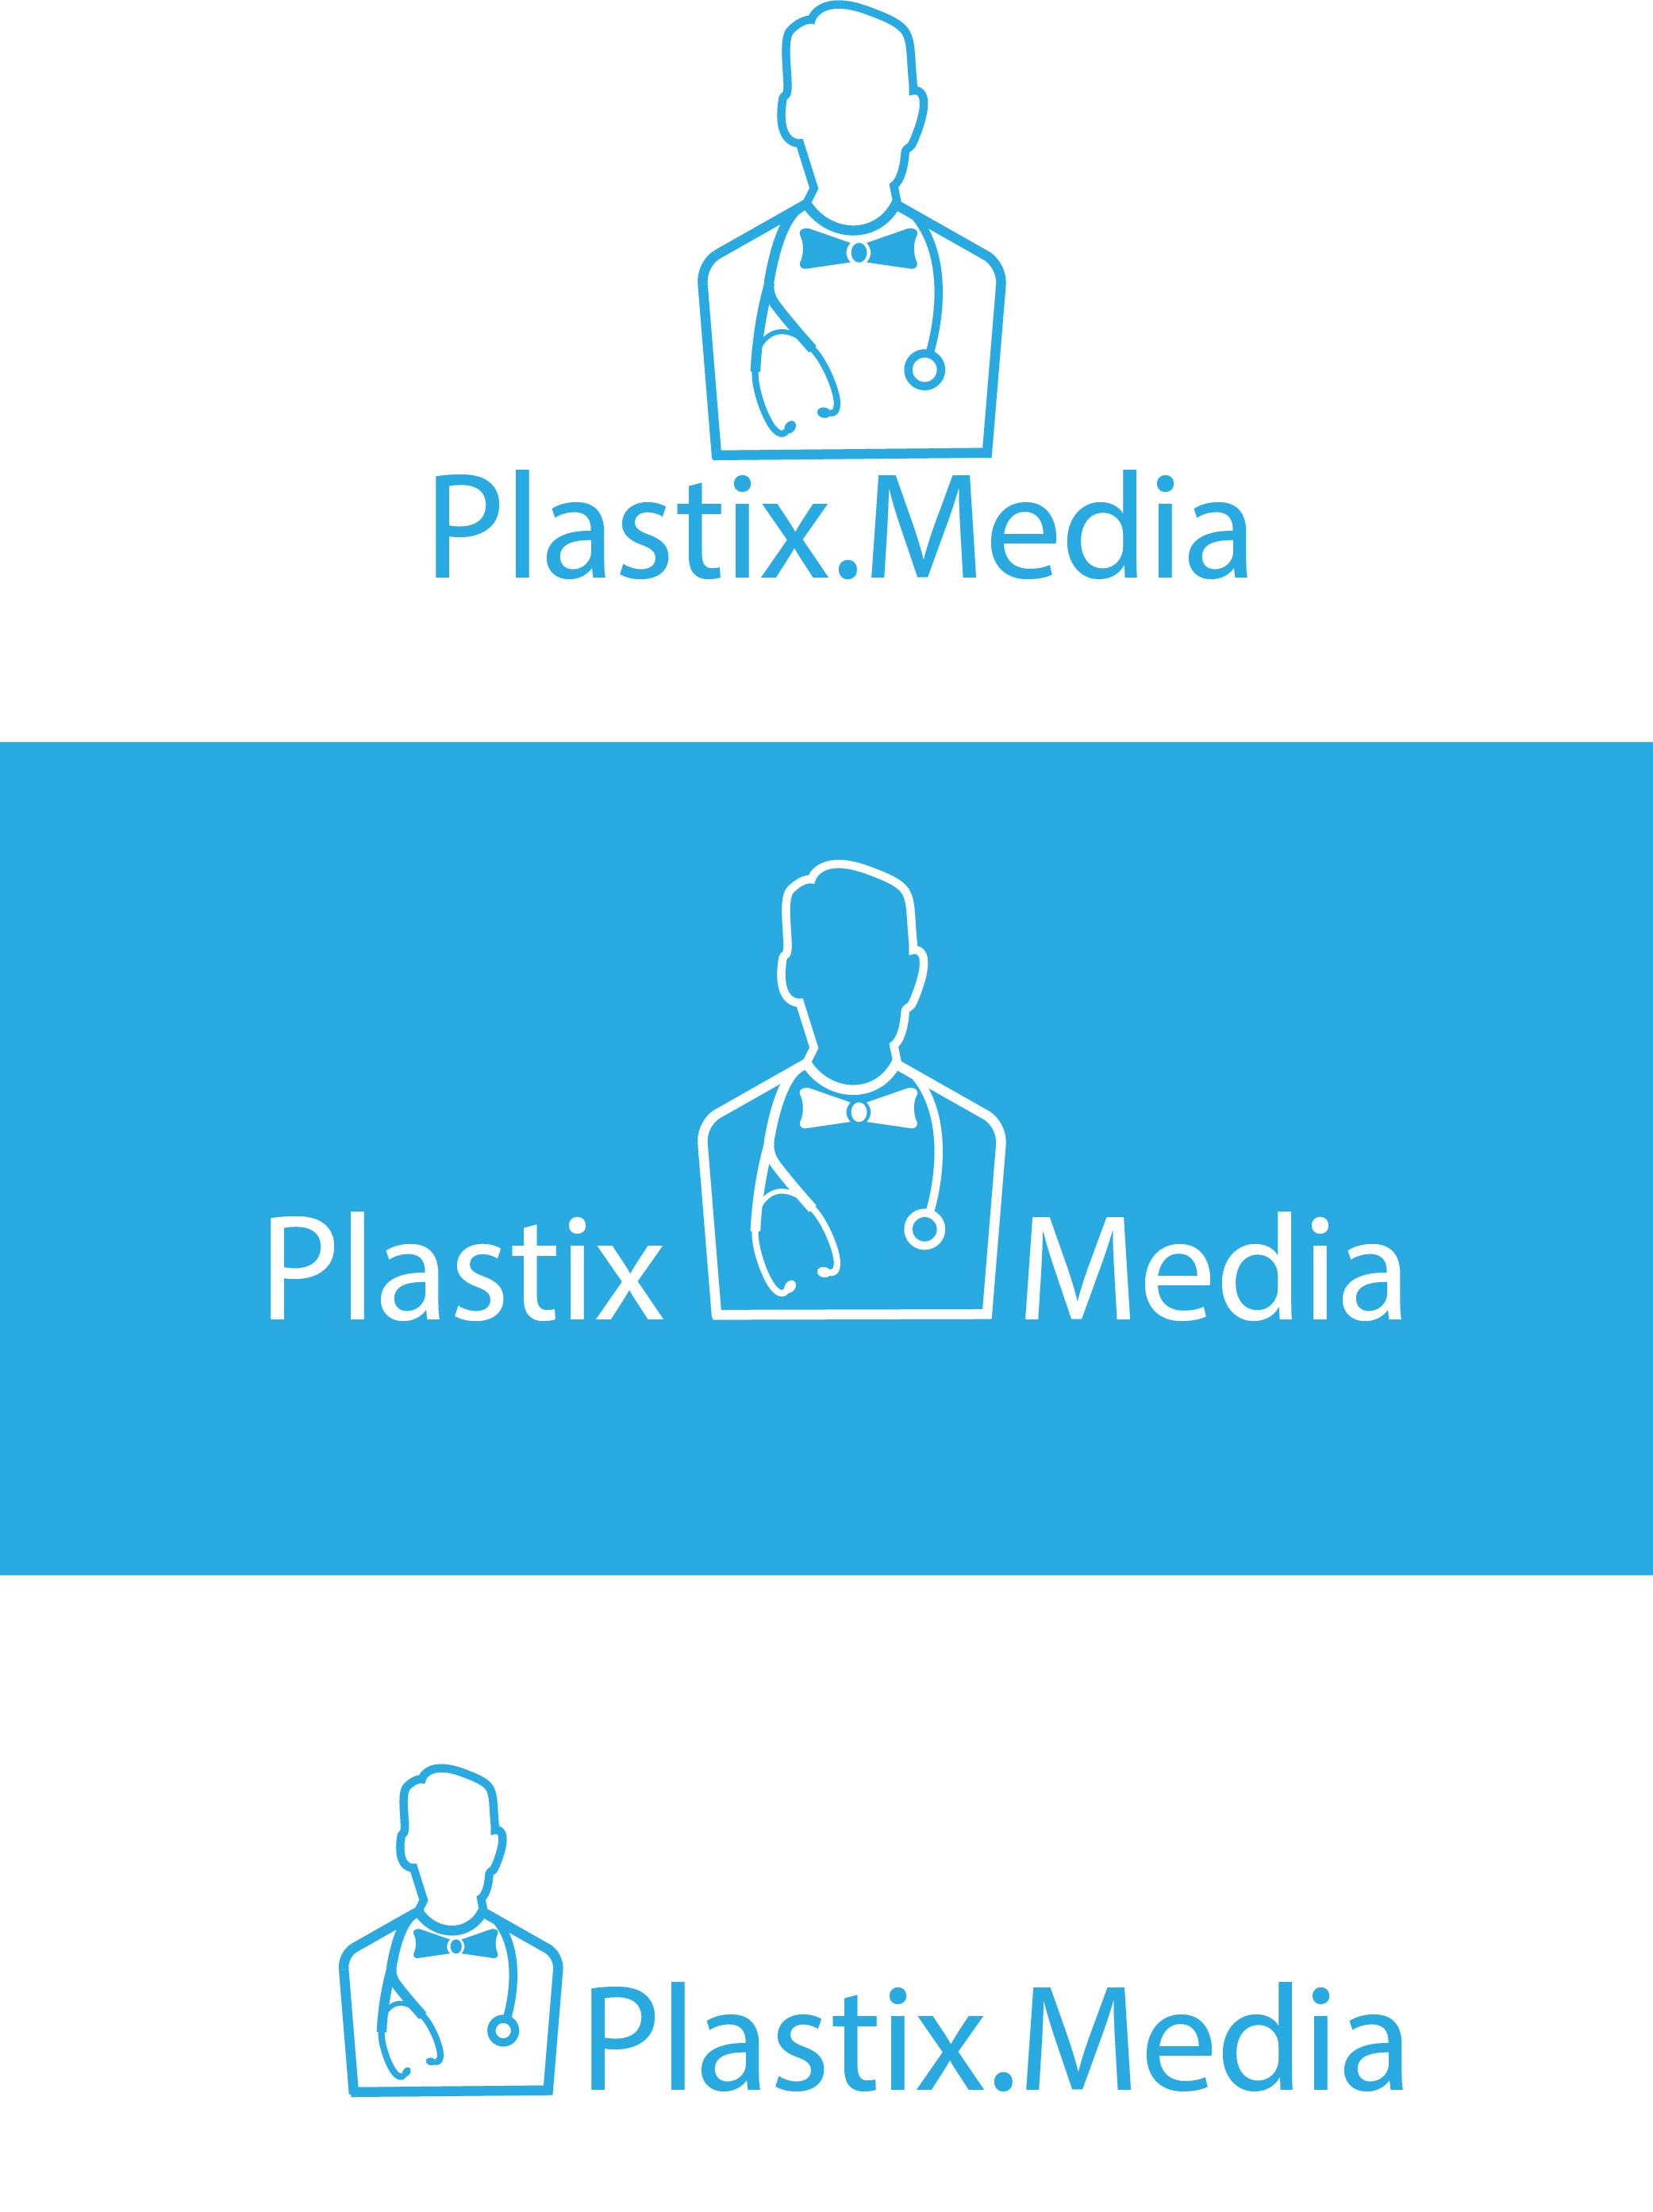 Разработка пакета айдентики Plastix.Media фото f_118598d77cc1a96a.jpg